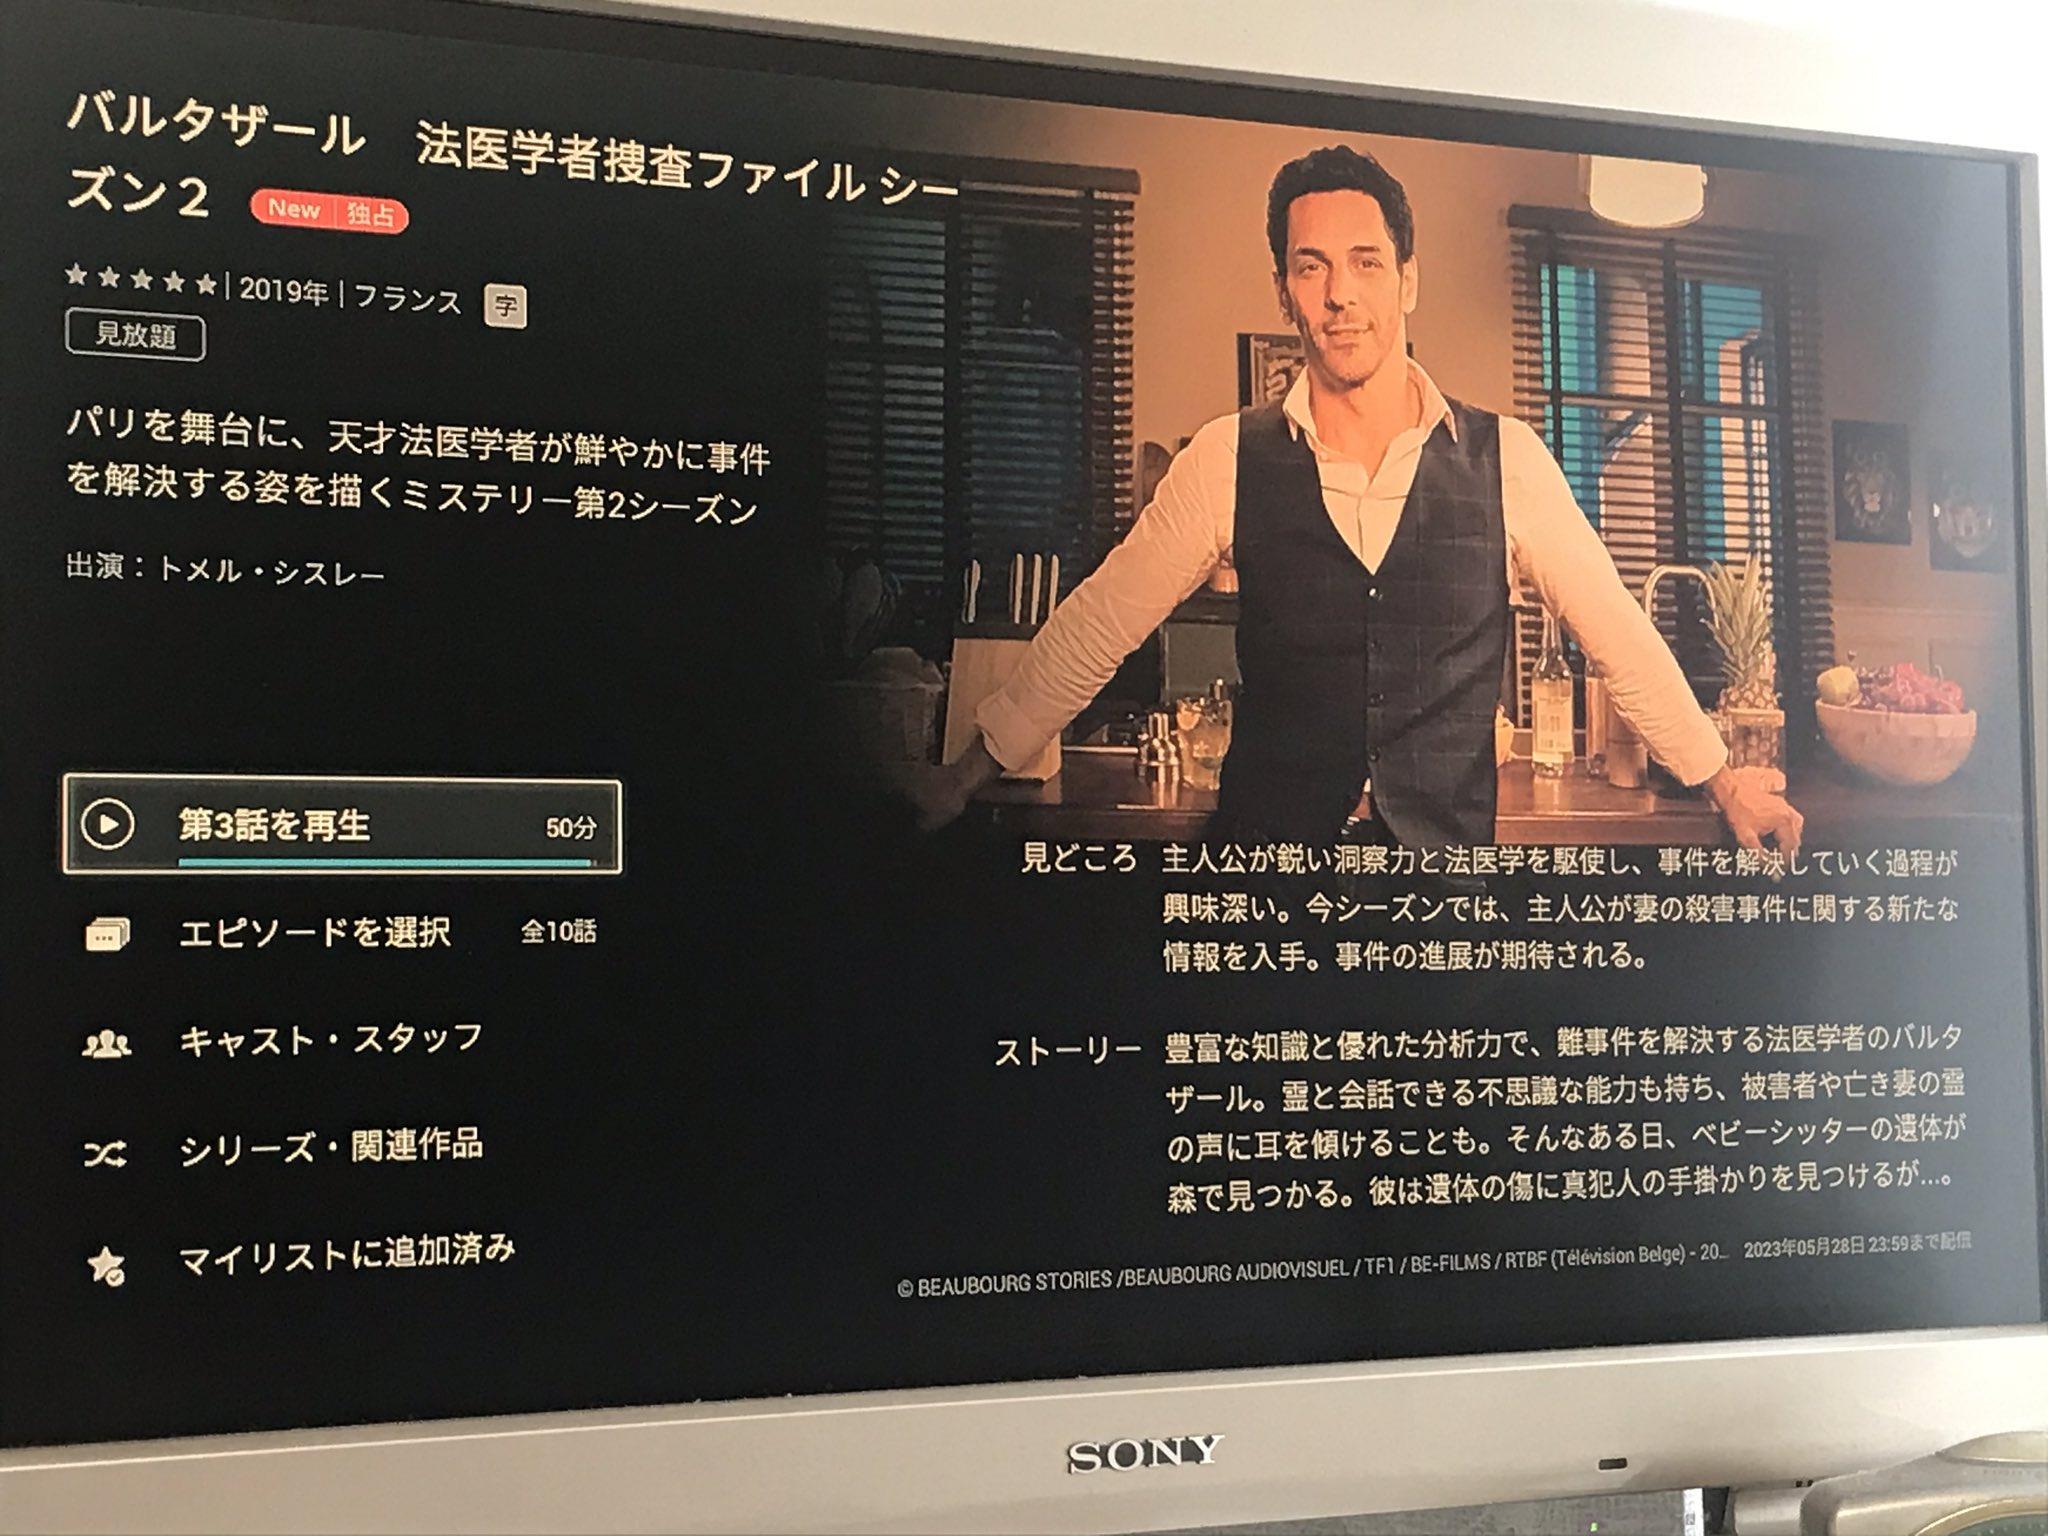 ファイル 捜査 バルタザール 者 法医学